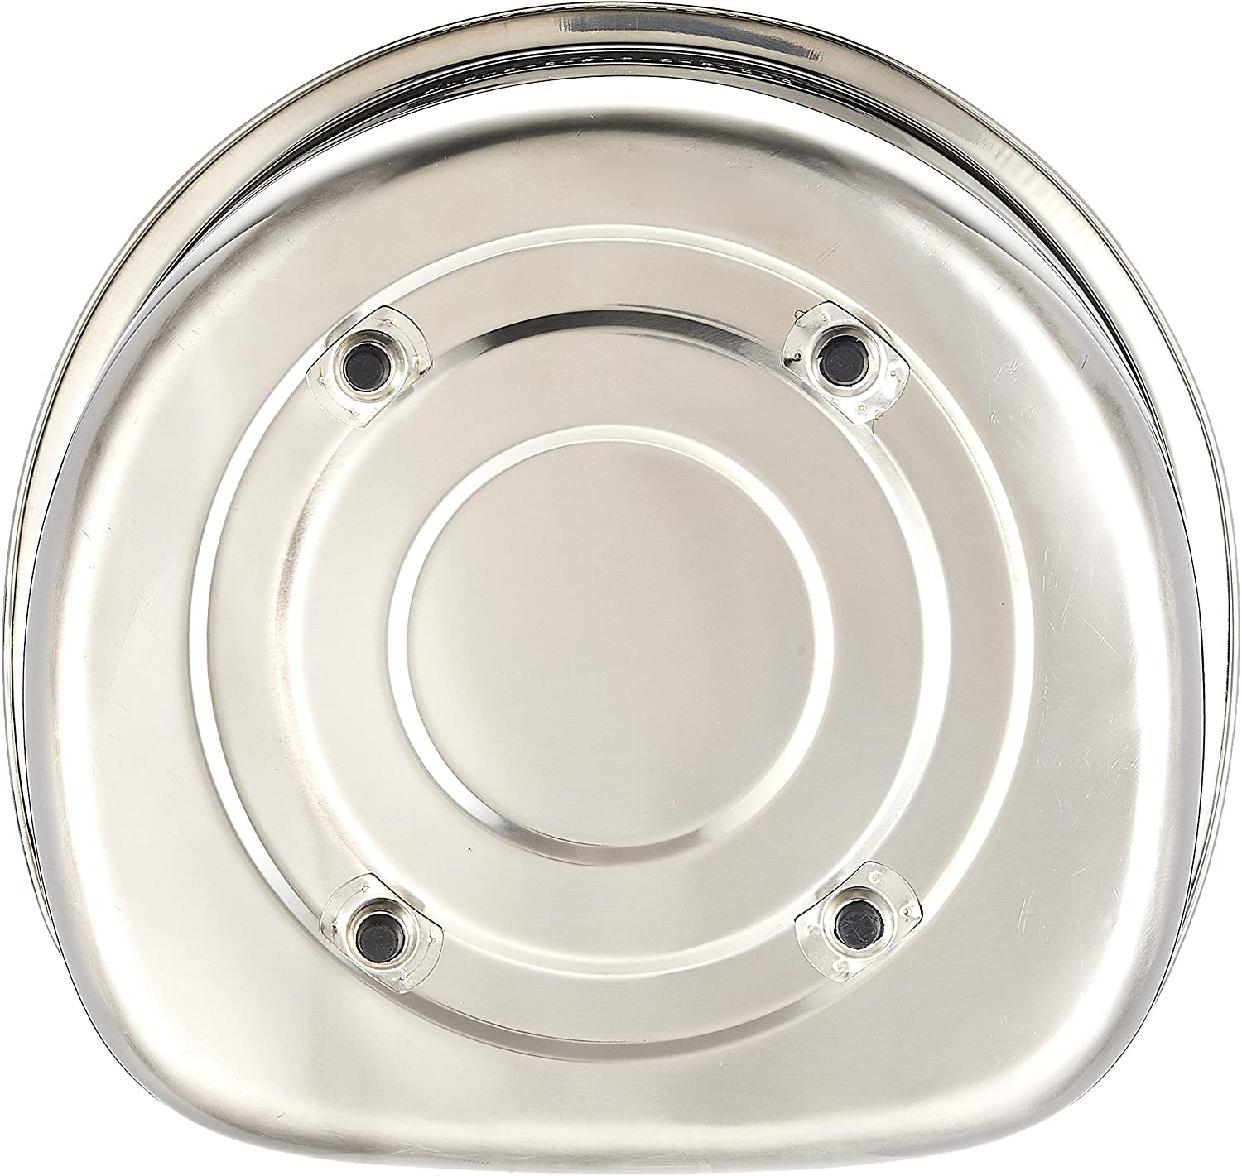 貝印(KAI) 洗い桶 D型 脚高ゴム付 DZ1141 ステンレスの商品画像4